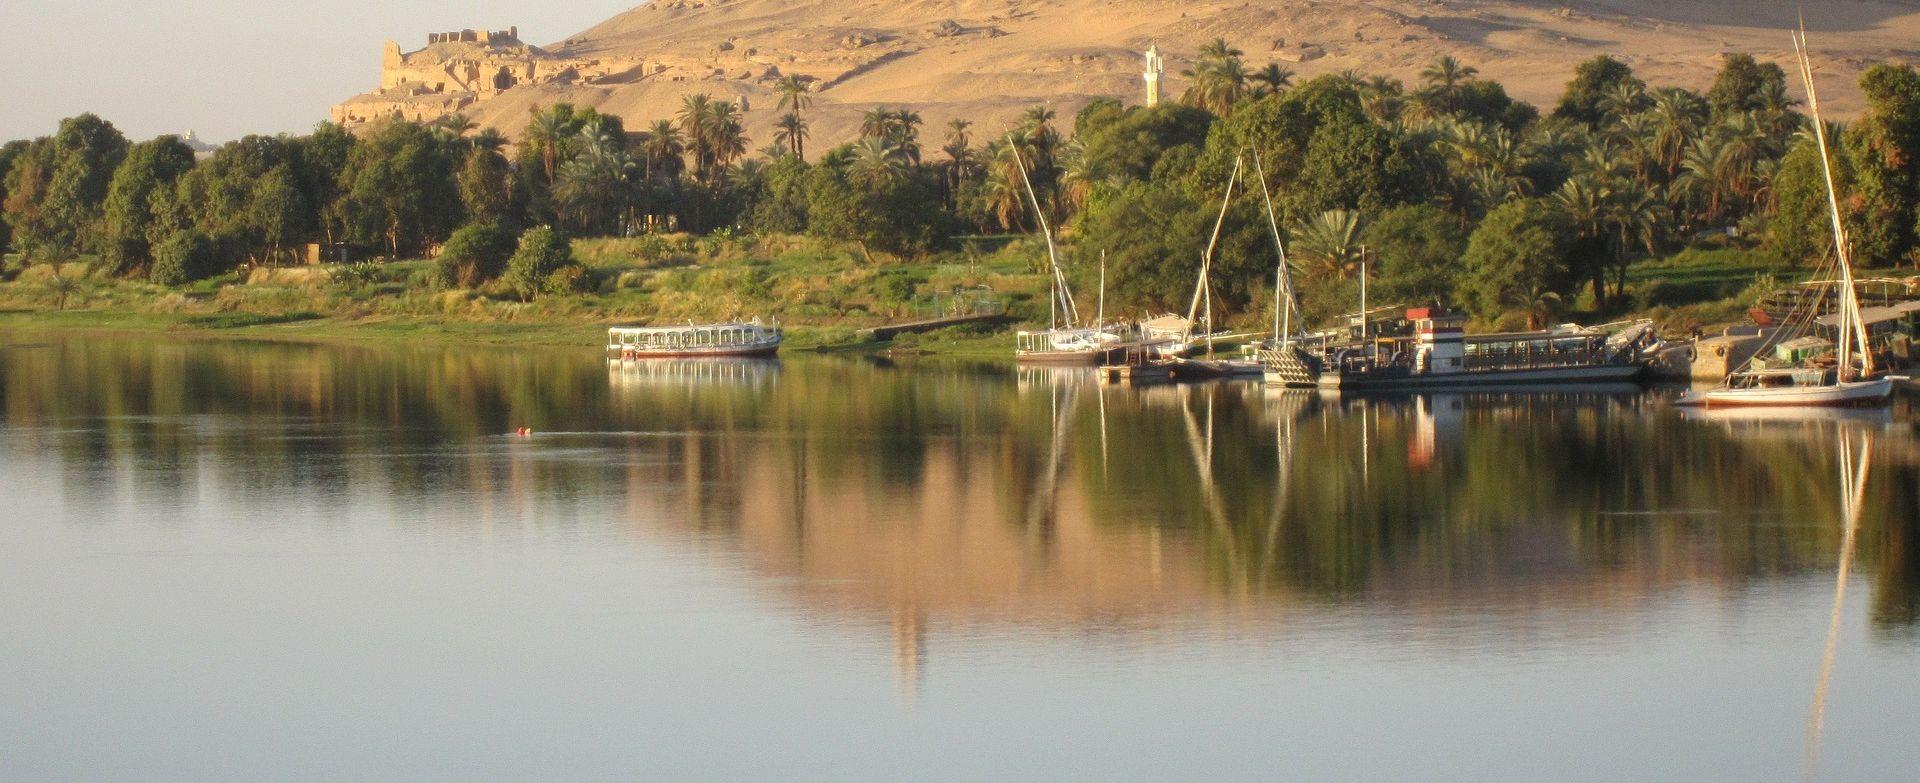 ISTRAGA U TIJEKU Najmanje 14 poginulih u potonuću trajekta u rijeci Nil